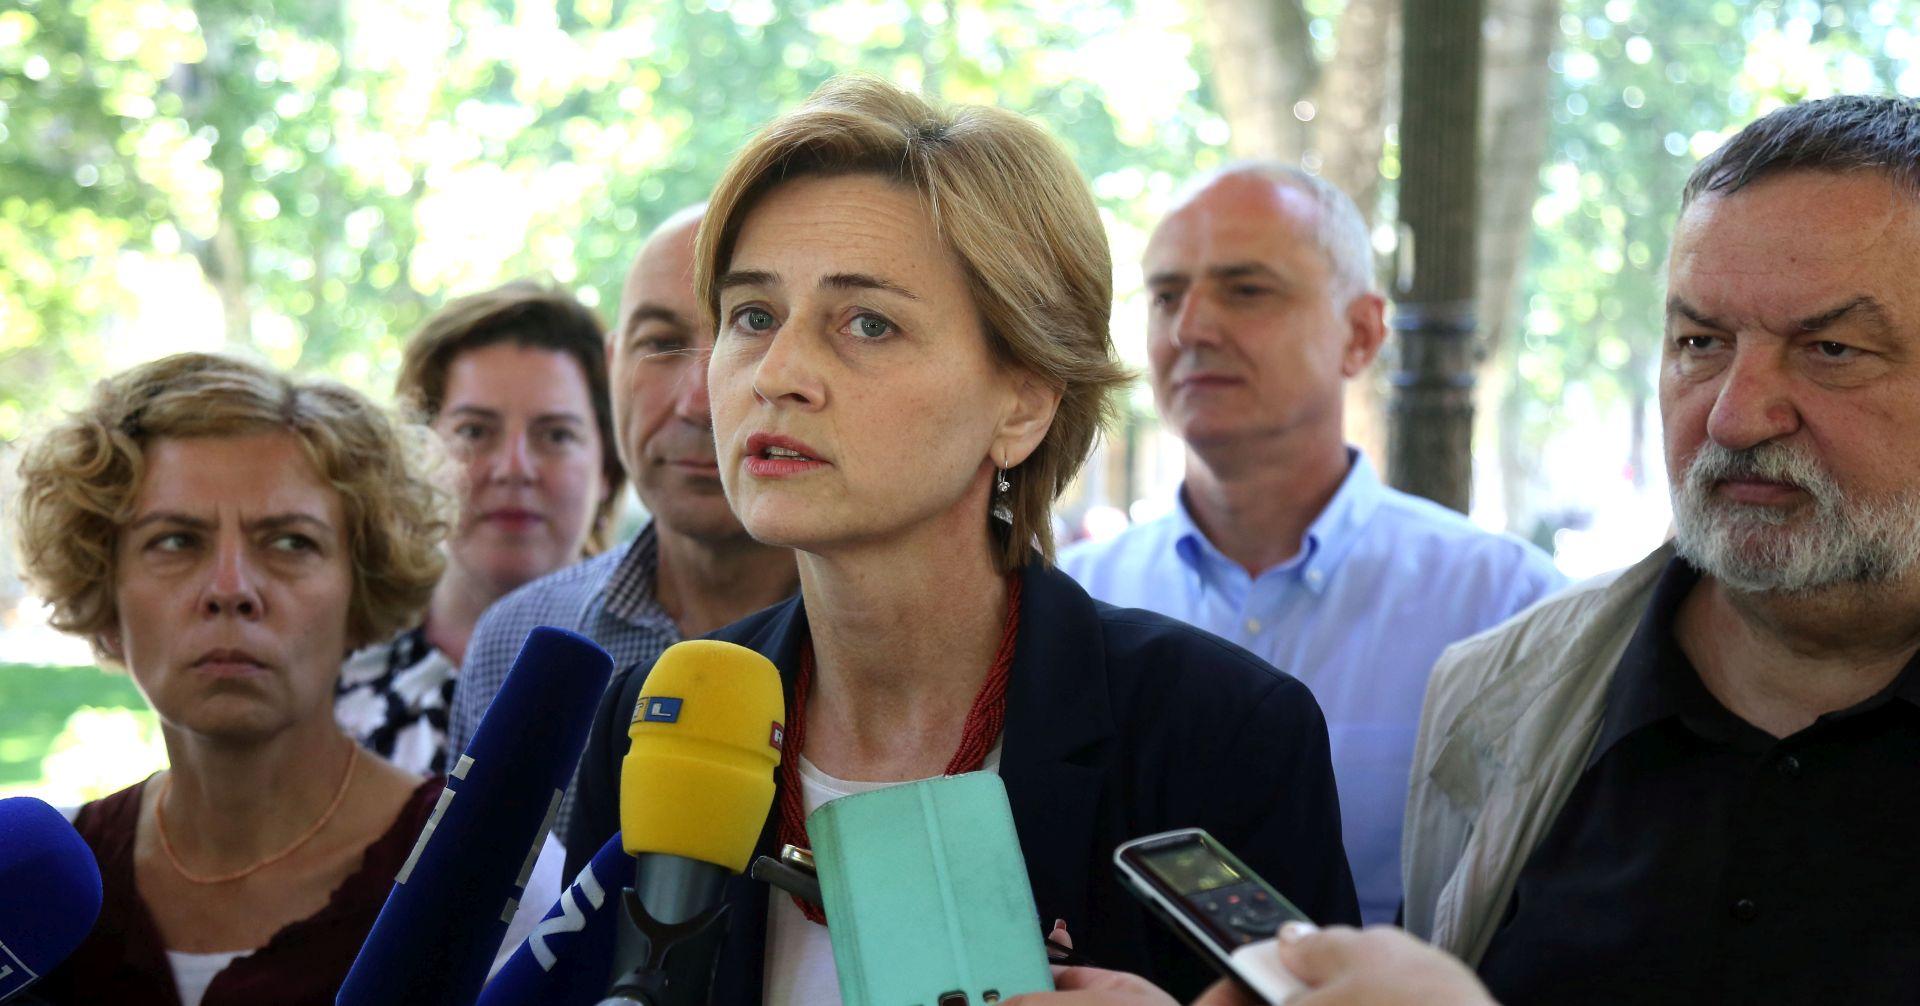 SANDRA ŠVALJEK 'Jedino ja mogu pobijediti Bandića'